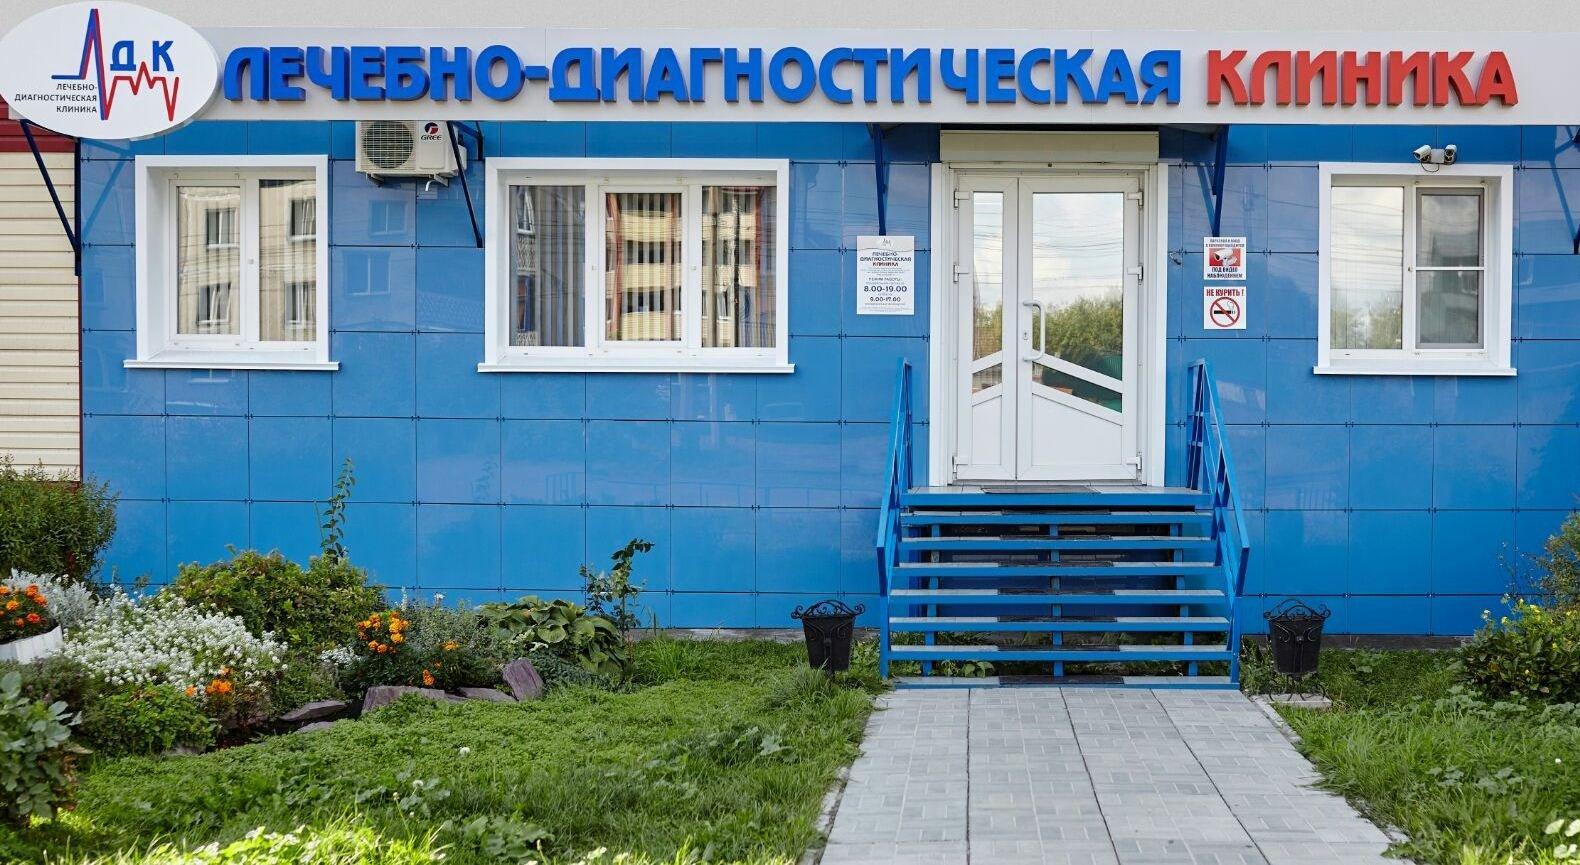 фотография Лечебно-диагностической клиники на улице Мартьянова